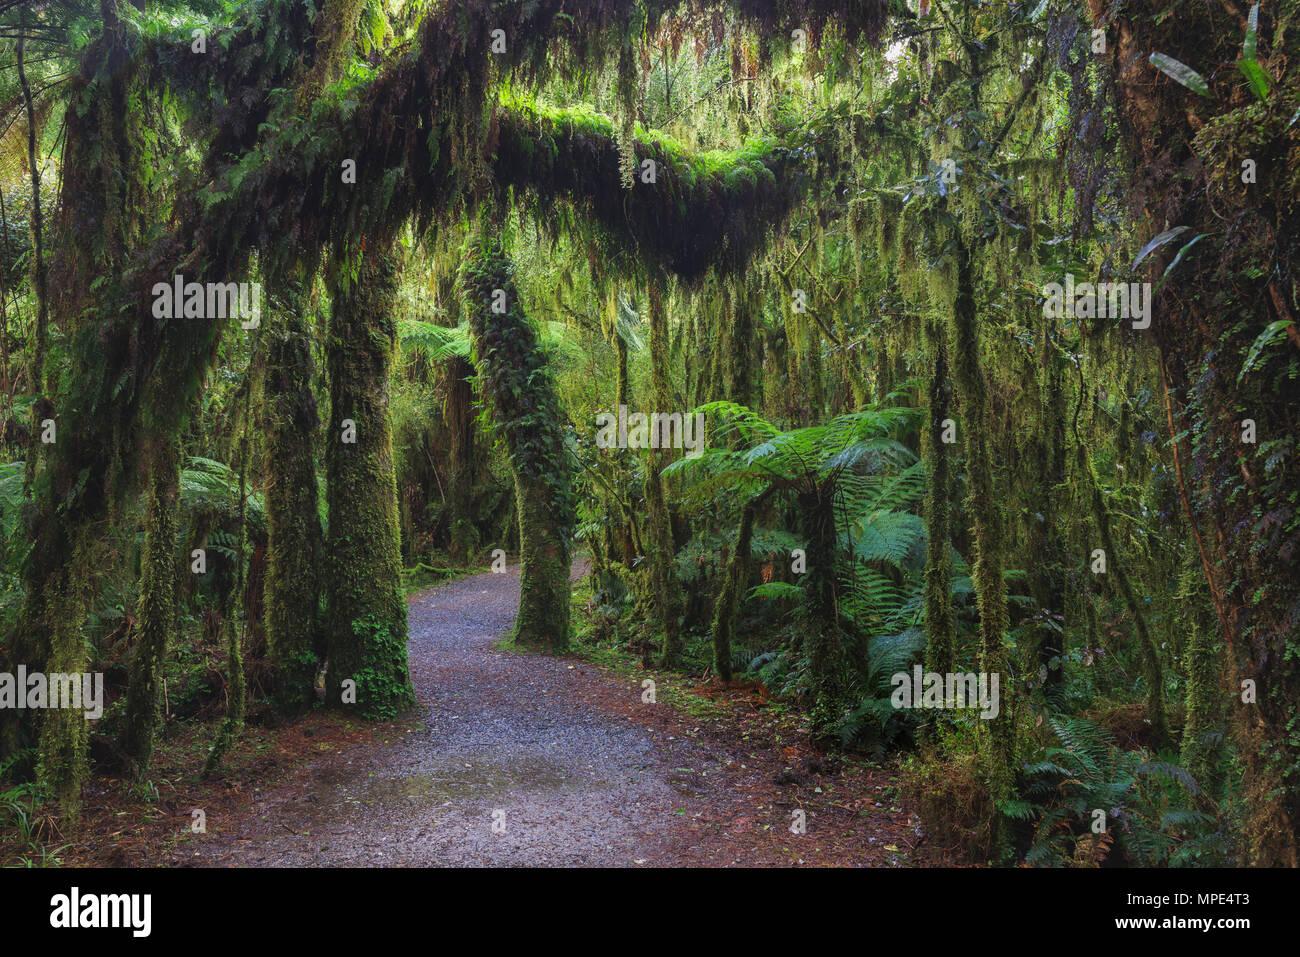 New Zealand rainforest details landscape picture Stock Photo